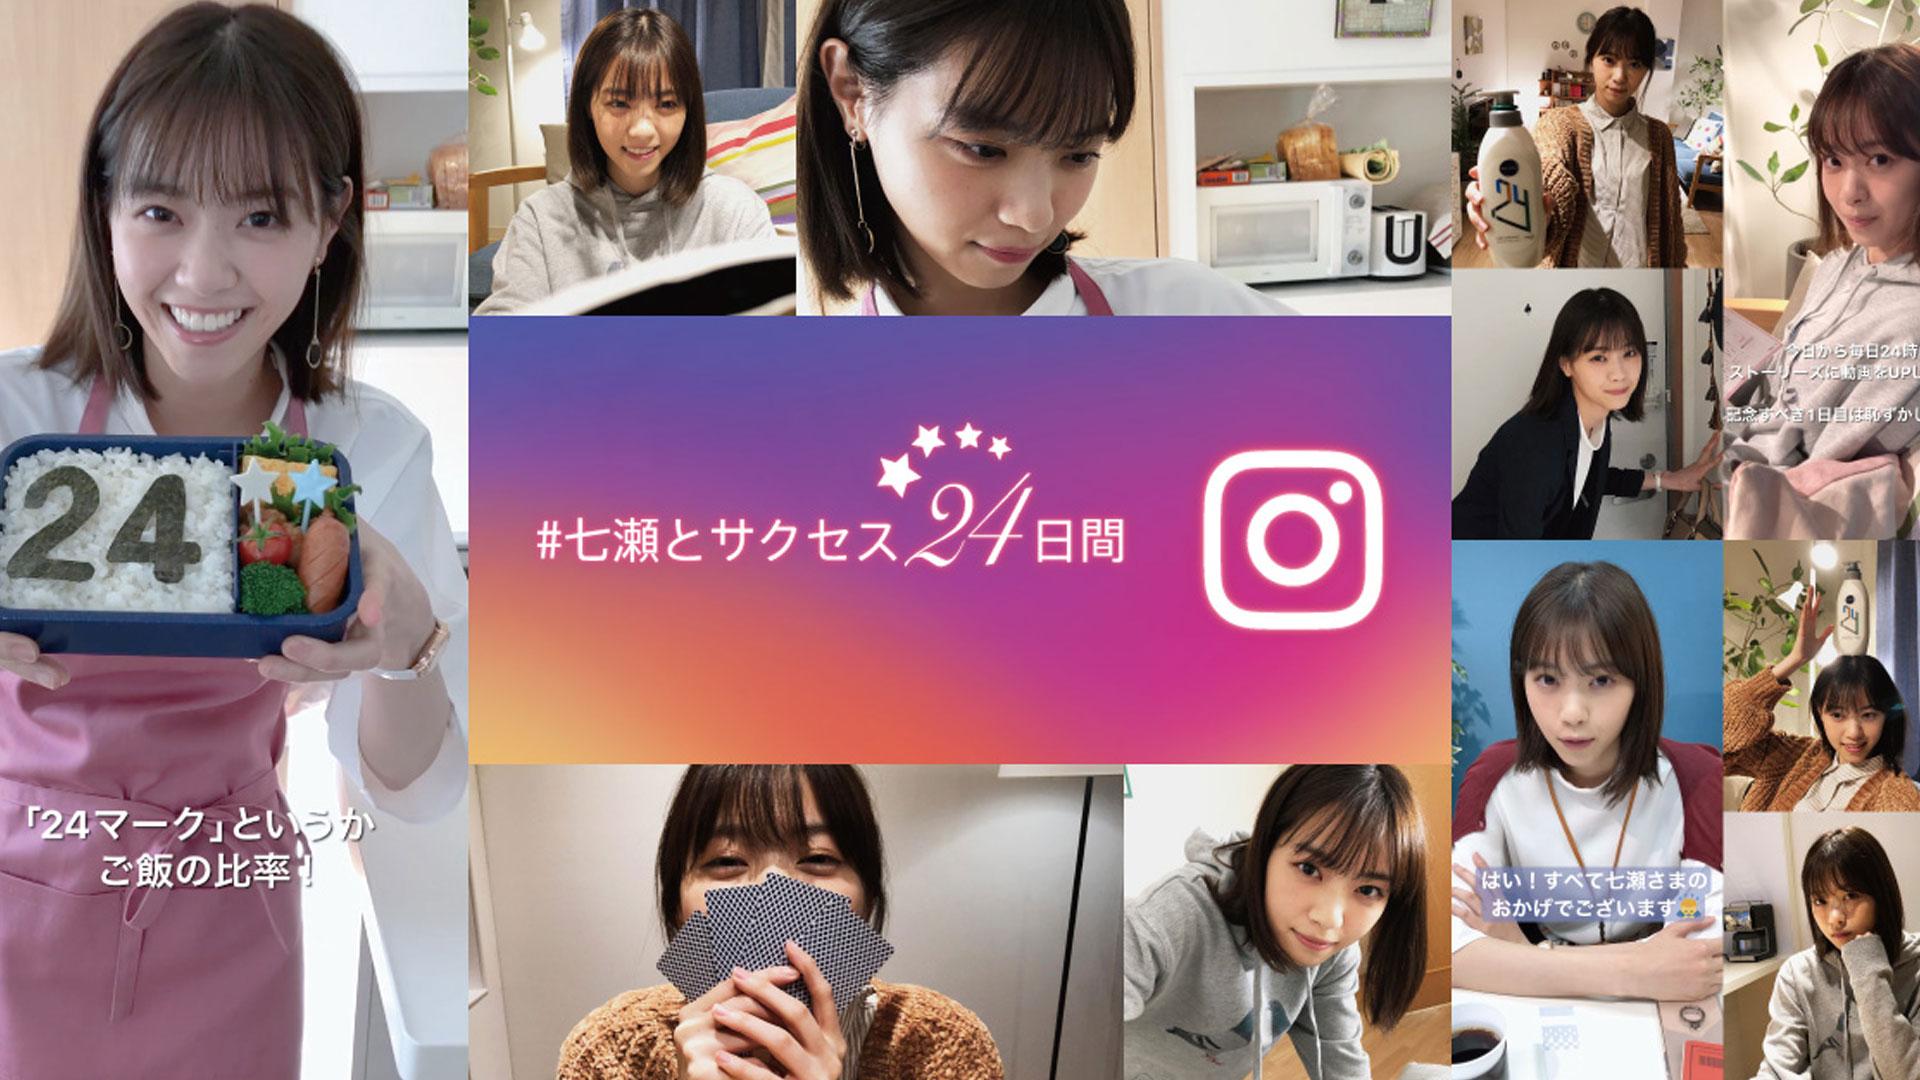 【西野七瀬 24日間毎日更新 Instagramストーリー配信】他、新着トレンド4月25日